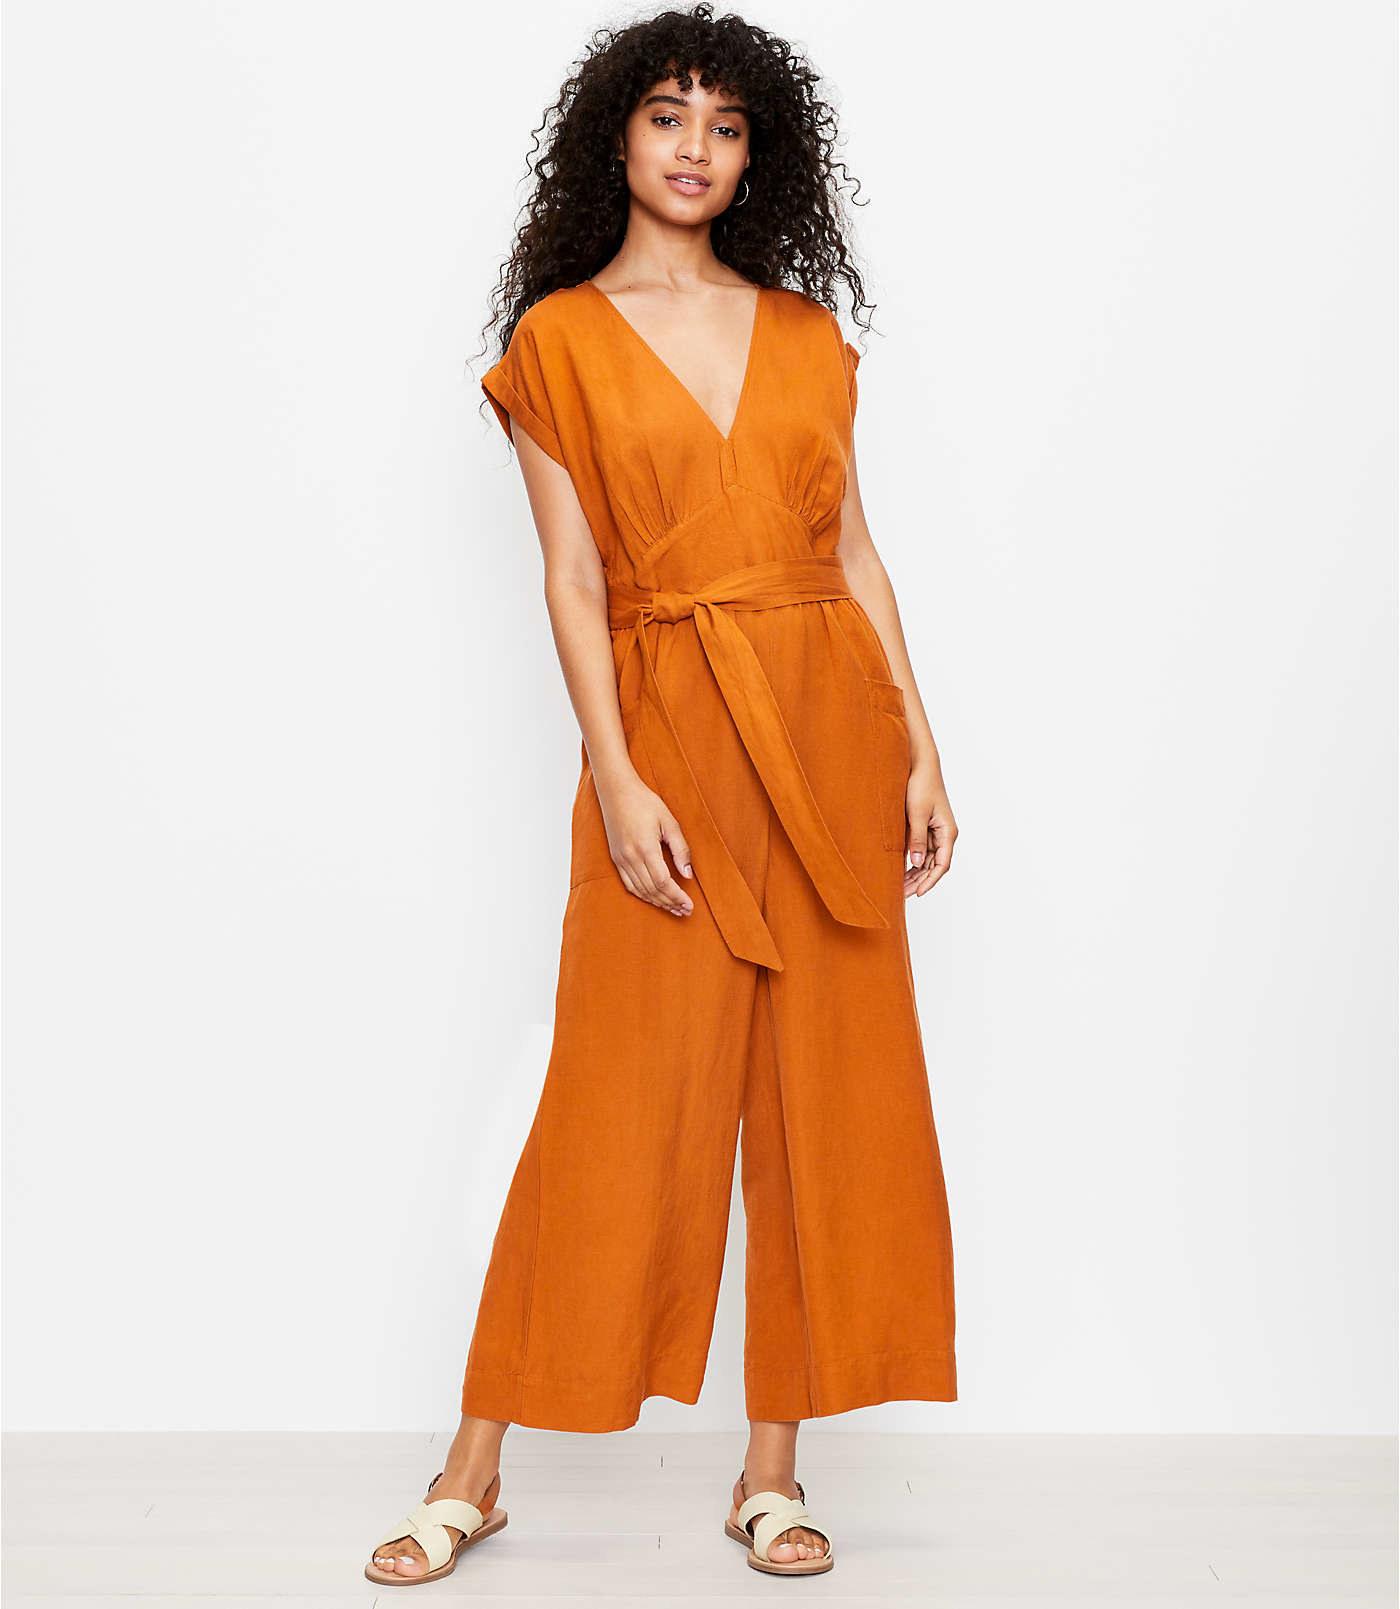 Model wearing jumsuit